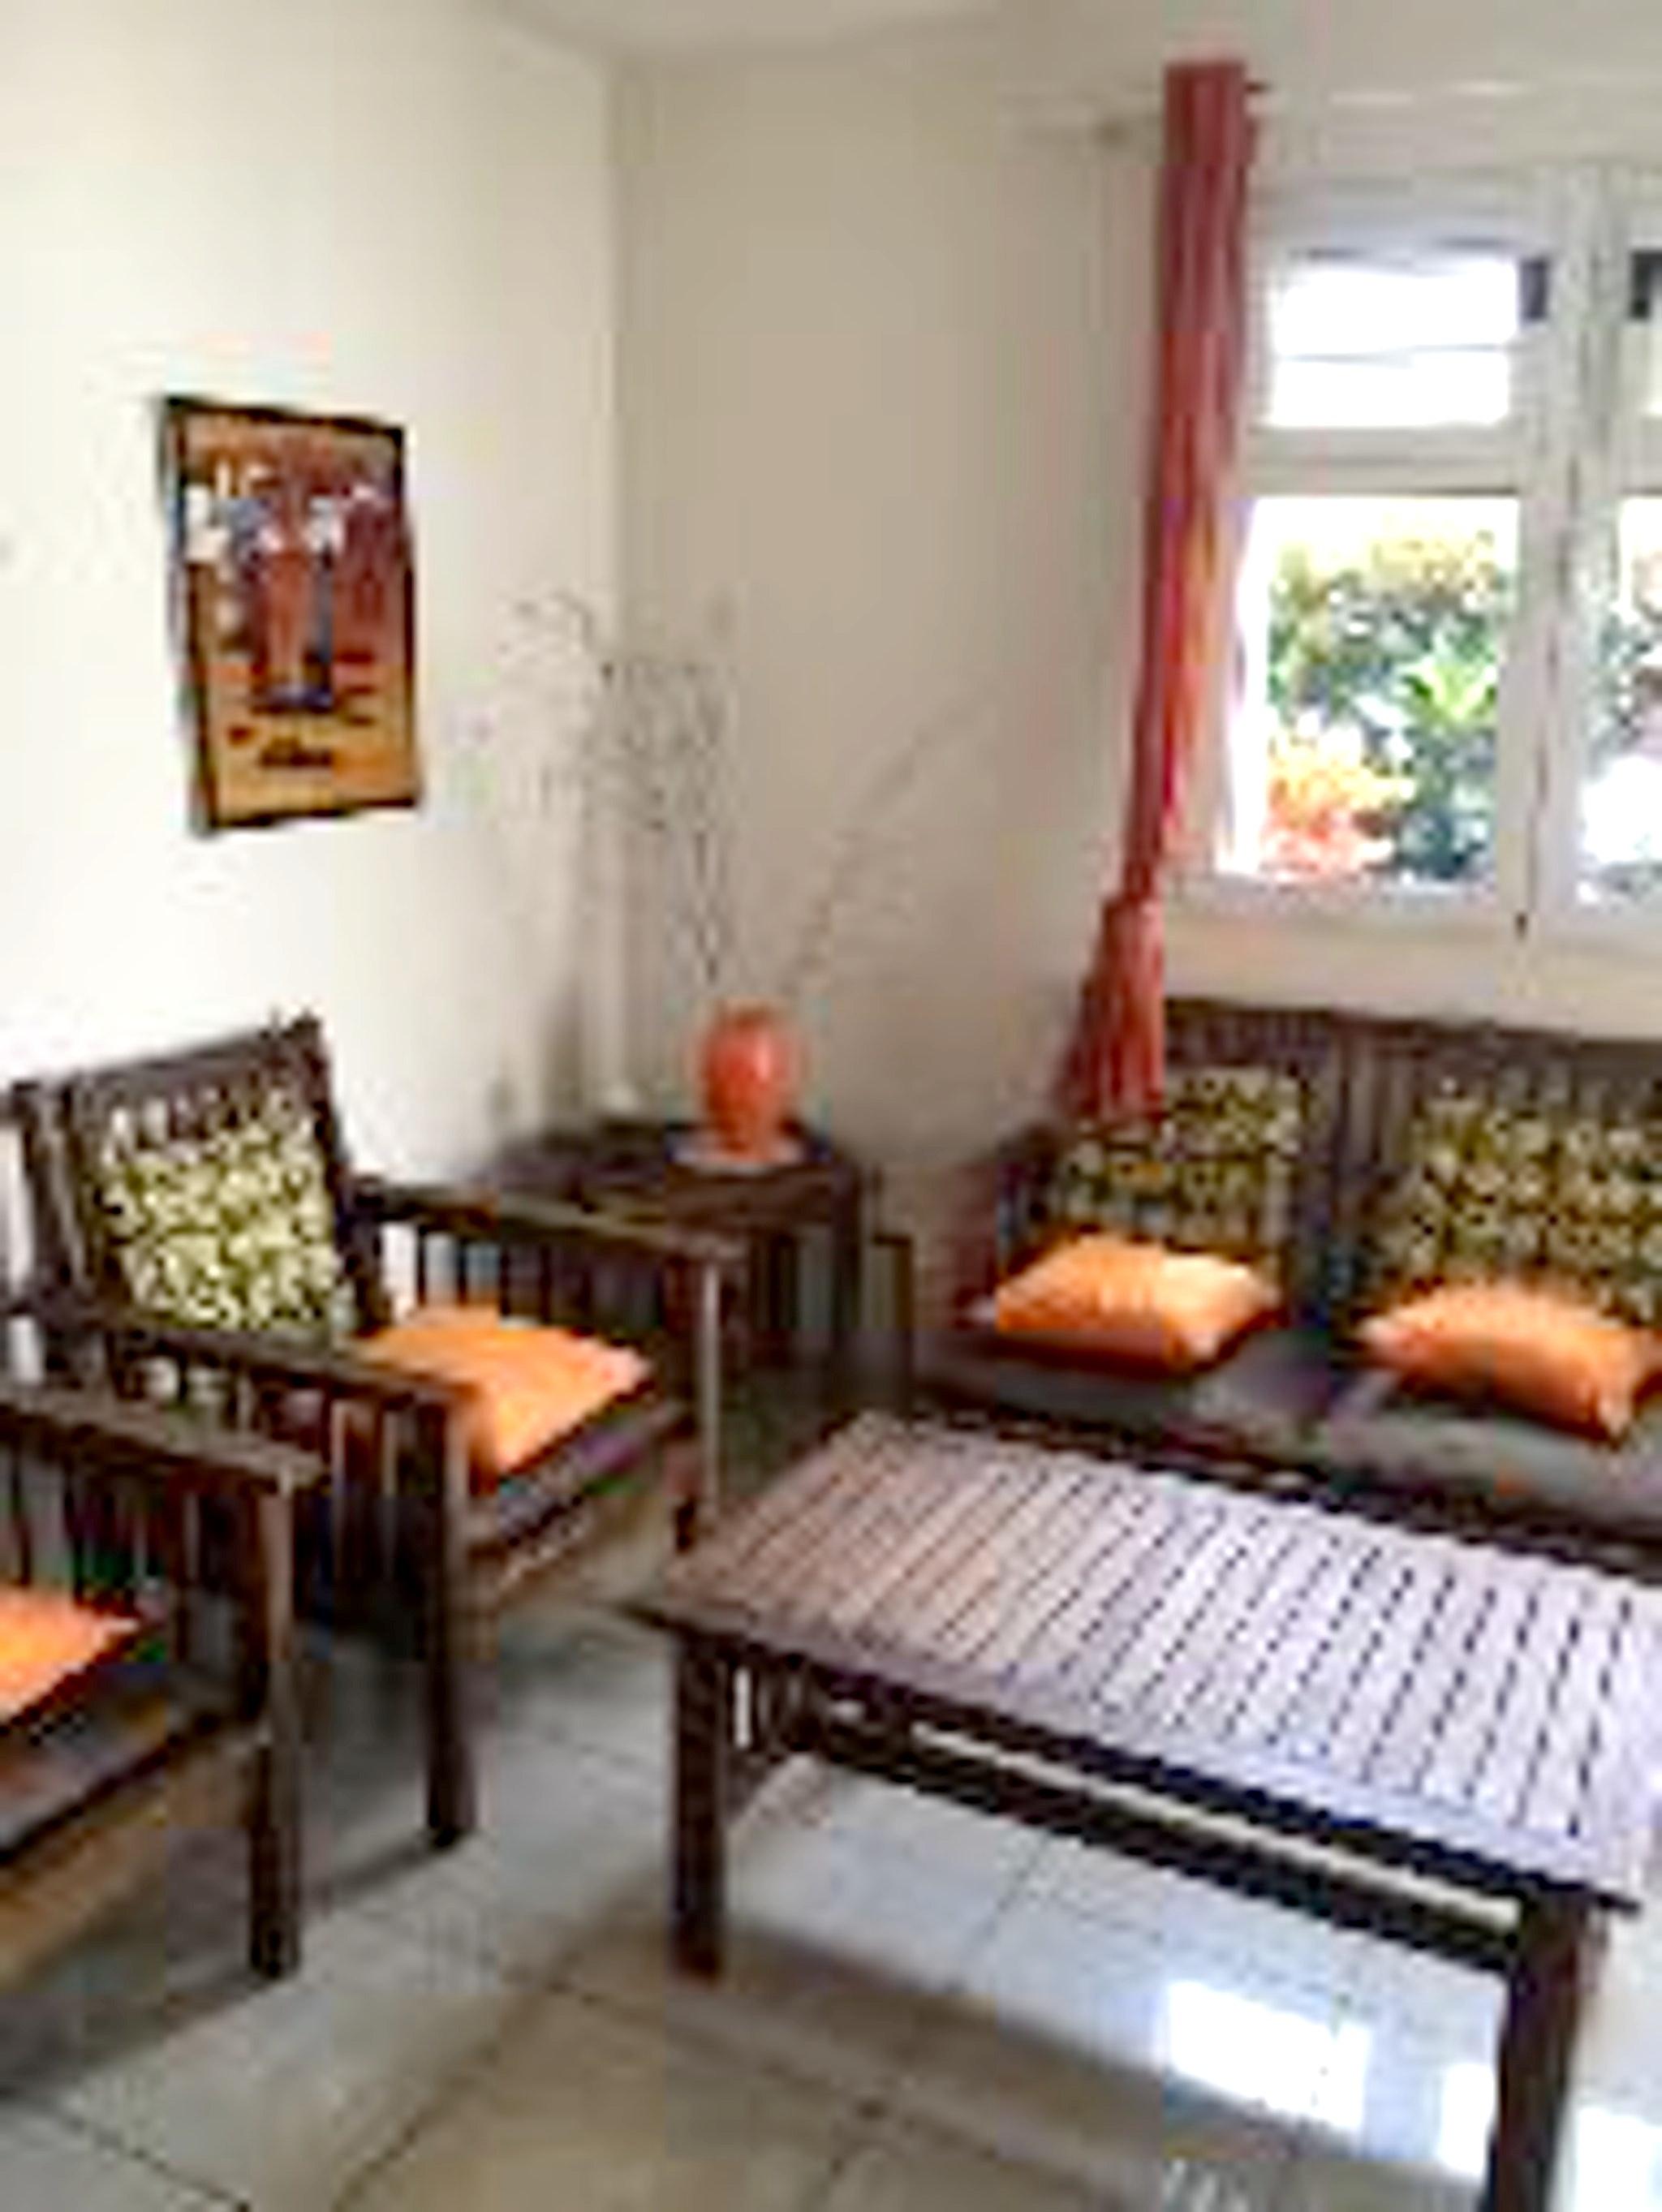 Ferienhaus Haus mit 2 Schlafzimmern in Les Trois-Ilets mit Pool, eingezäuntem Garten und W-LAN - 500  (2664081), Les Trois-Îlets, Le Marin, Martinique, Karibische Inseln, Bild 4